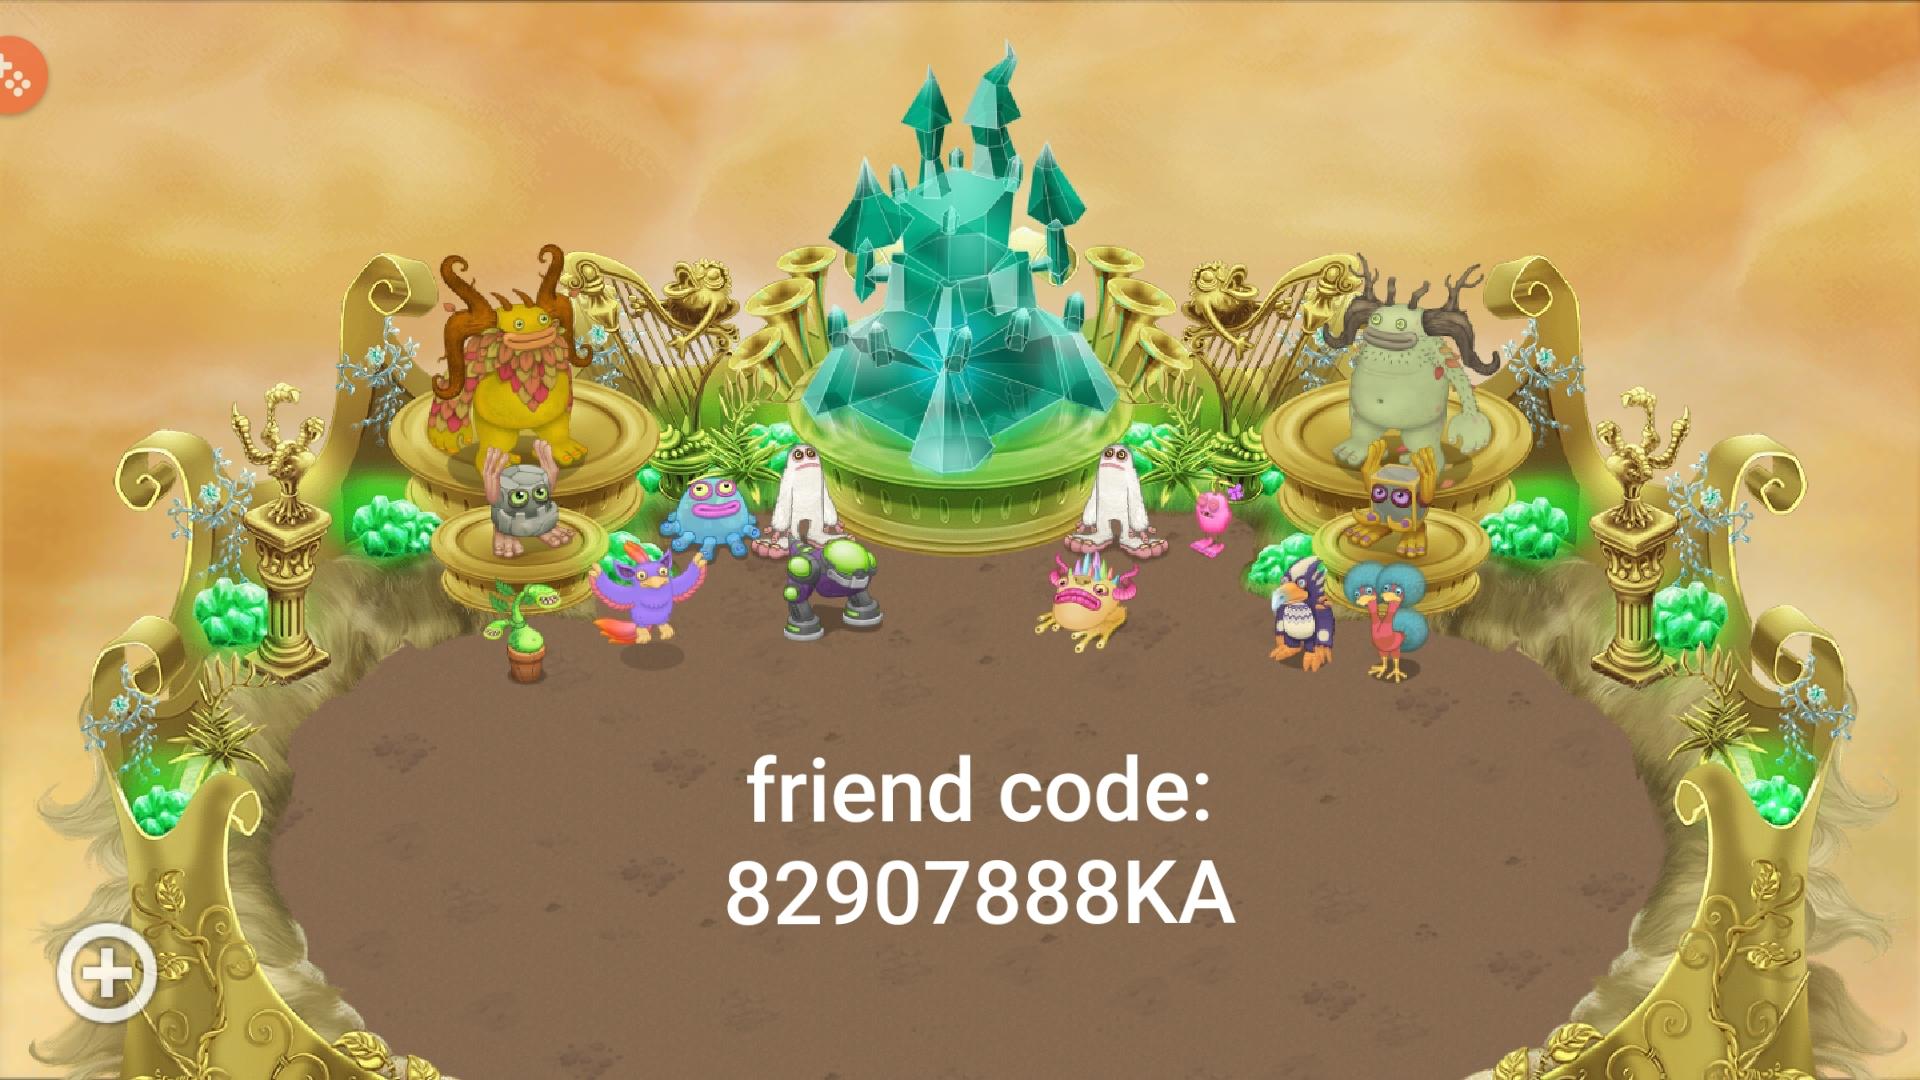 Friend me @82907888KA